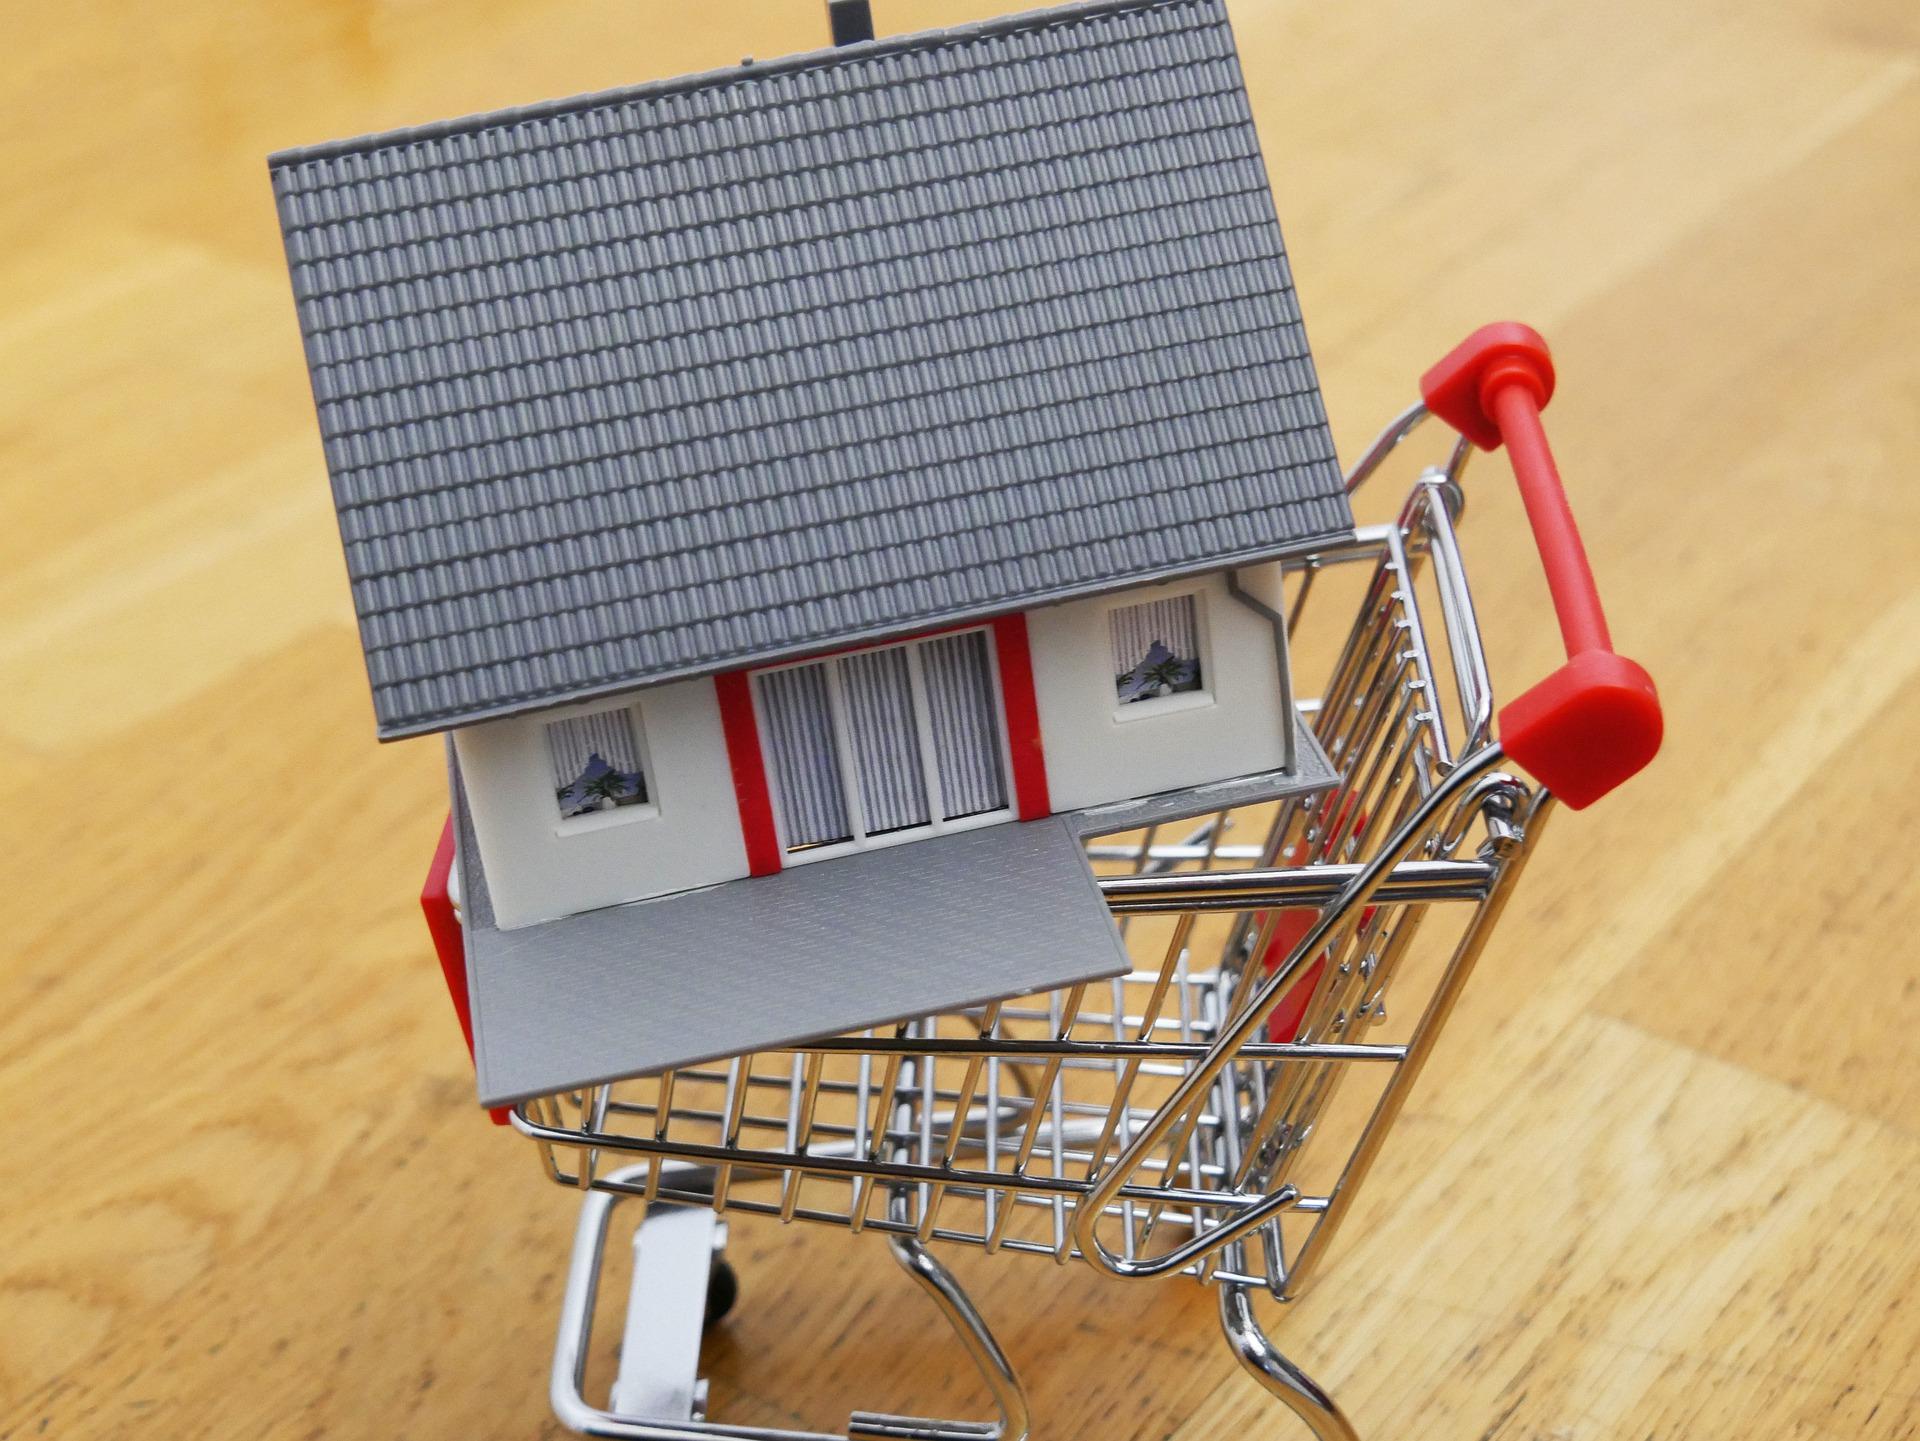 купить квартиру права